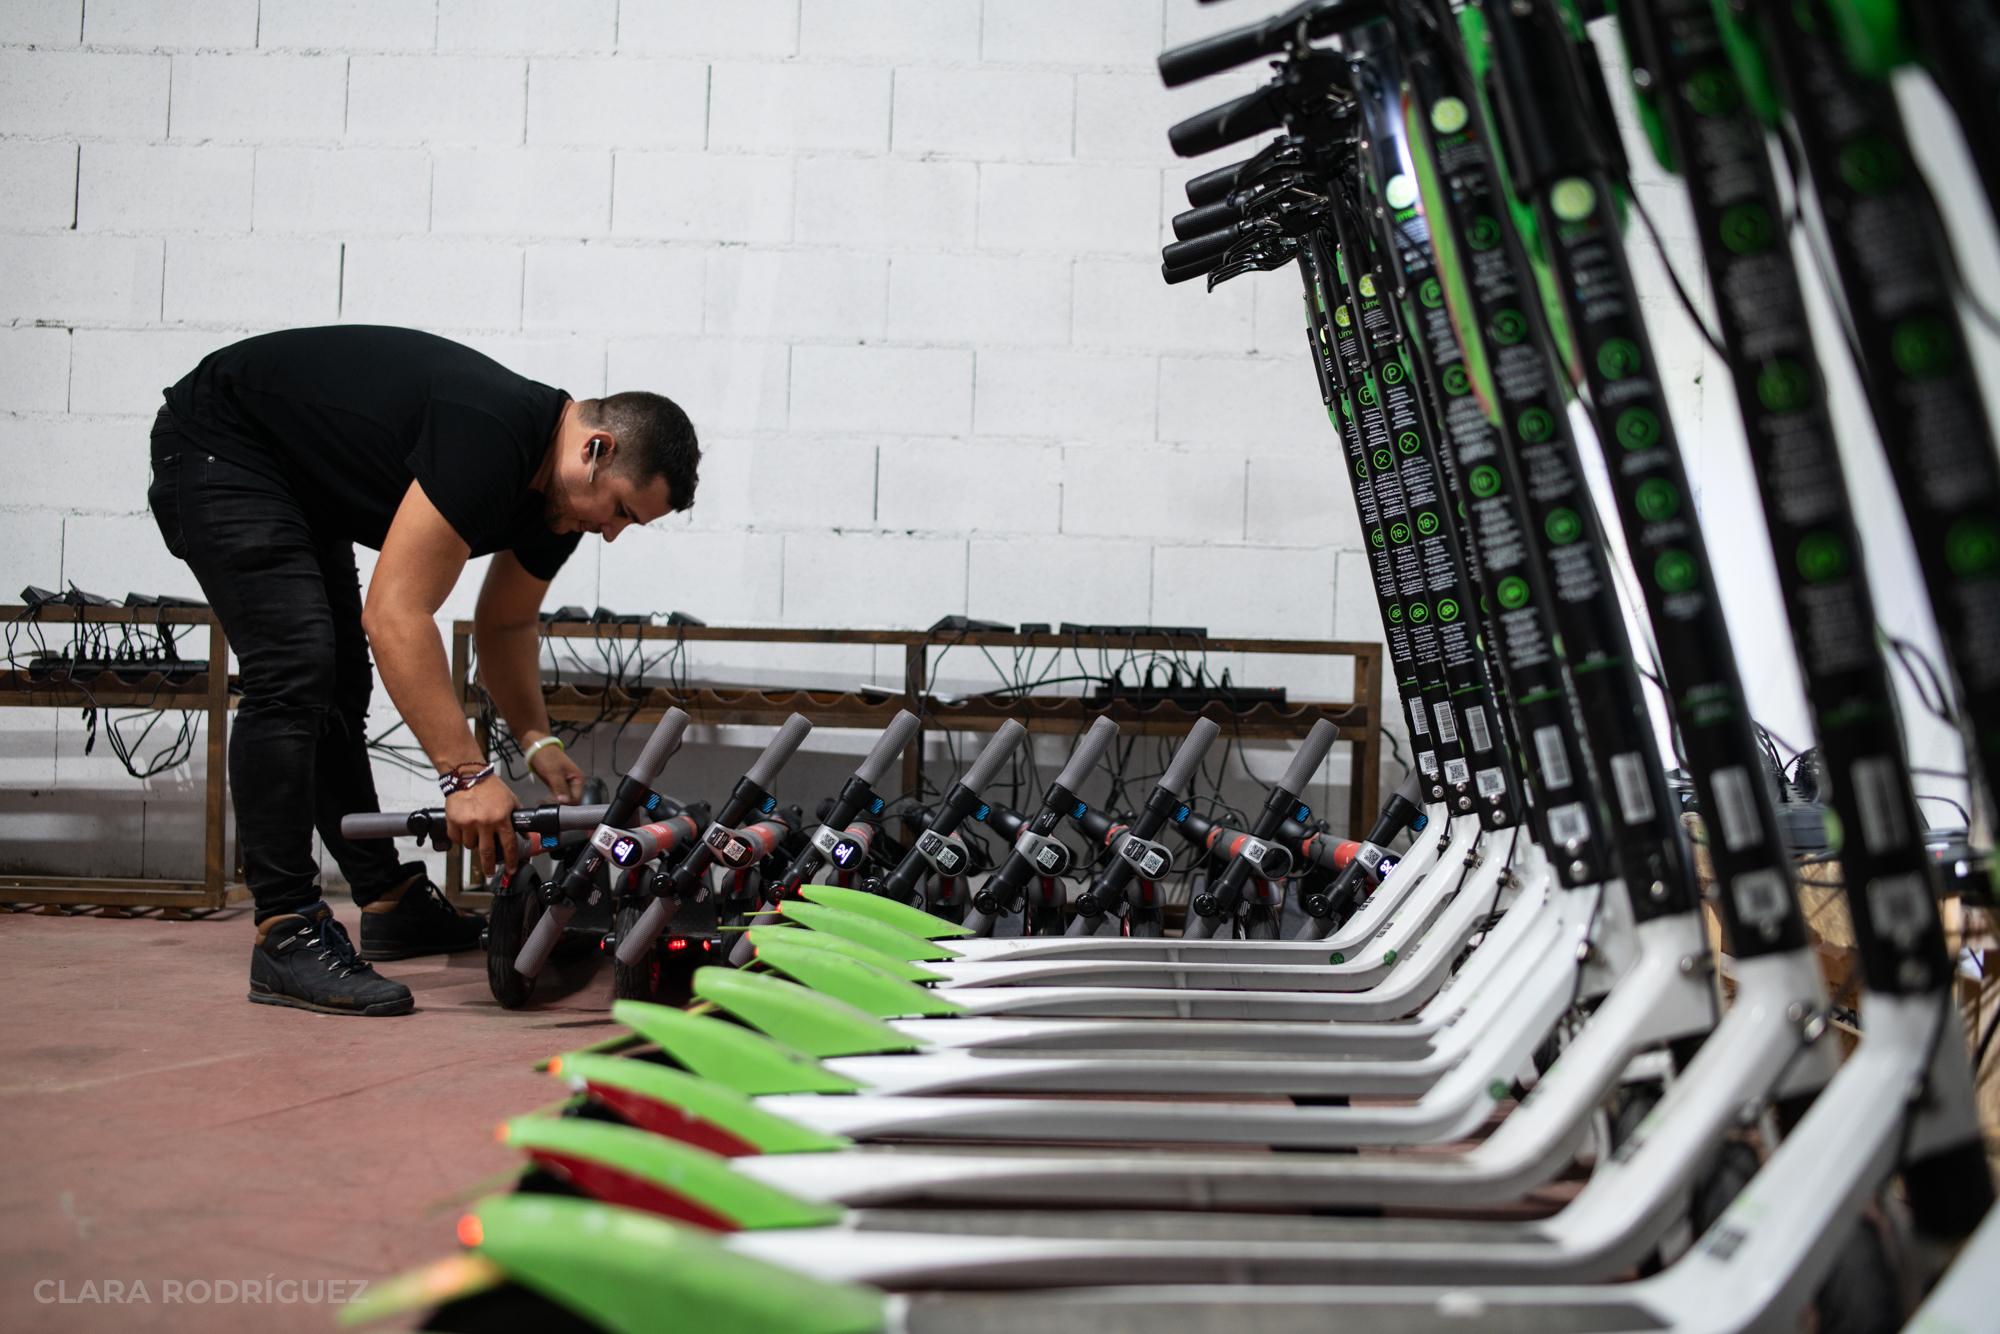 Karel, el 'cazador' de patinetes que gana 5.000 euros al mes cargándolos de madrugada